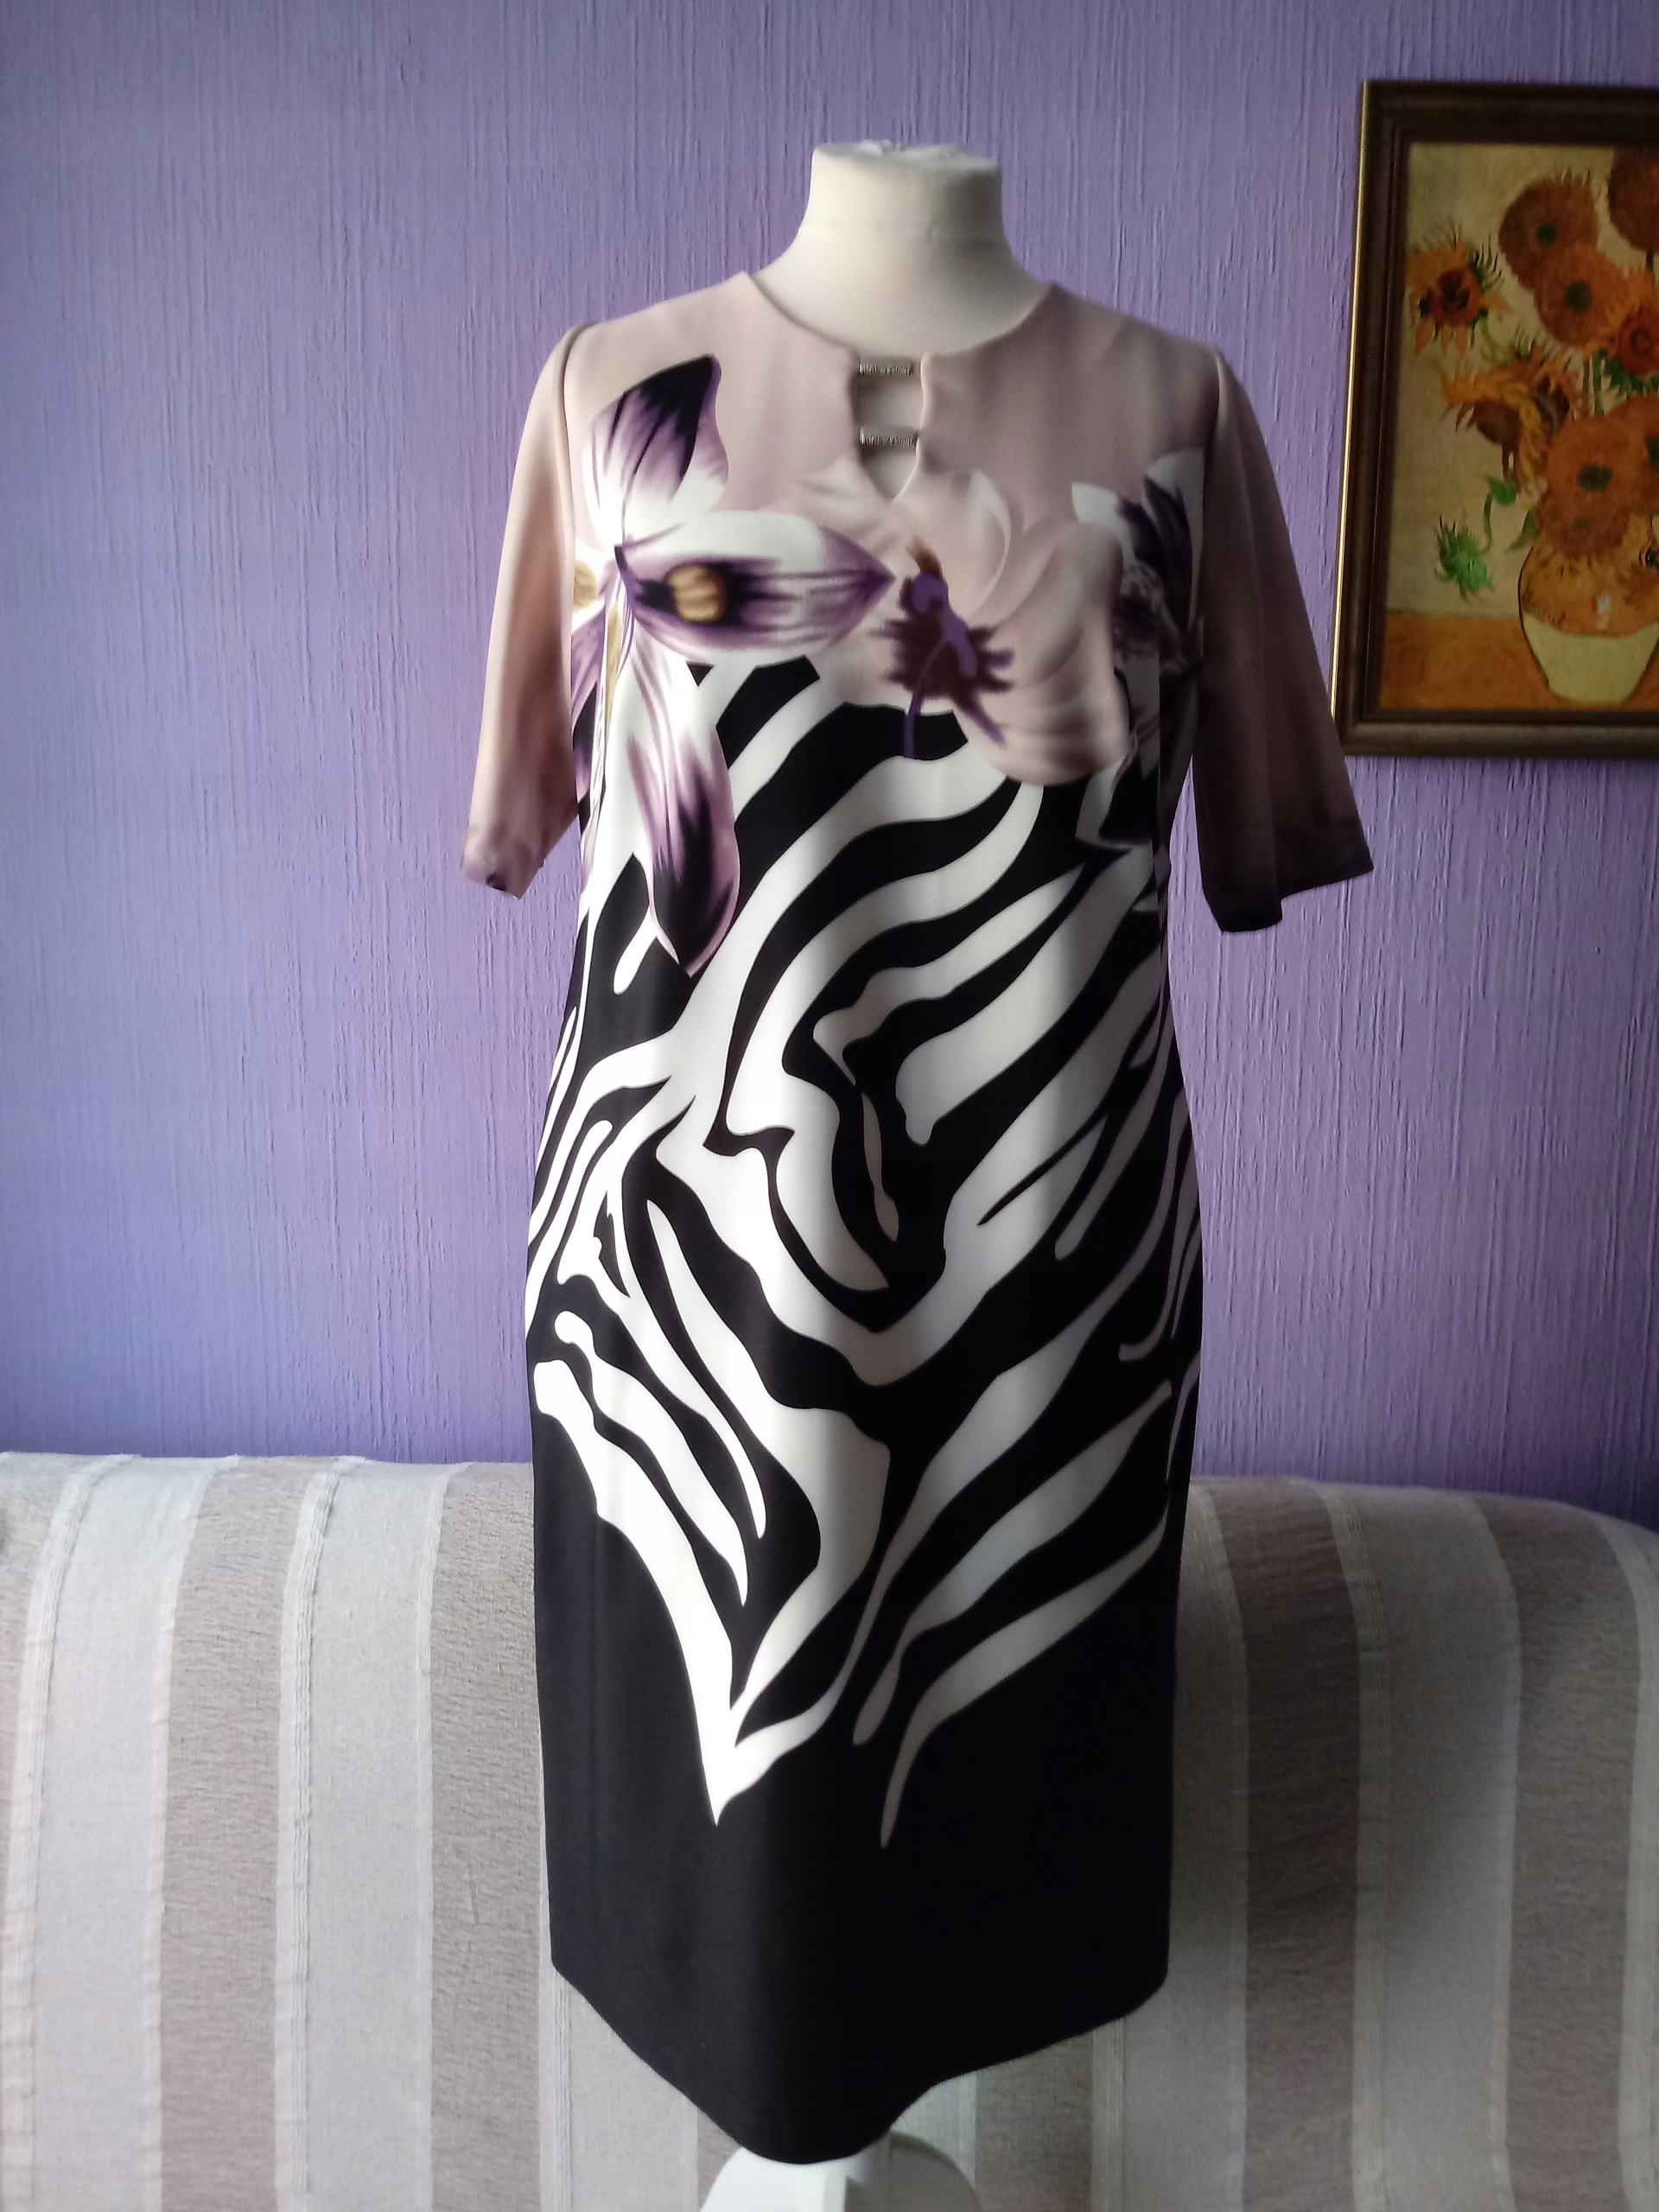 3c0ece3aaecf82 Sukienka MAZEX róż kwiaty czerń biel zebra 46/48 - 7530579088 ...